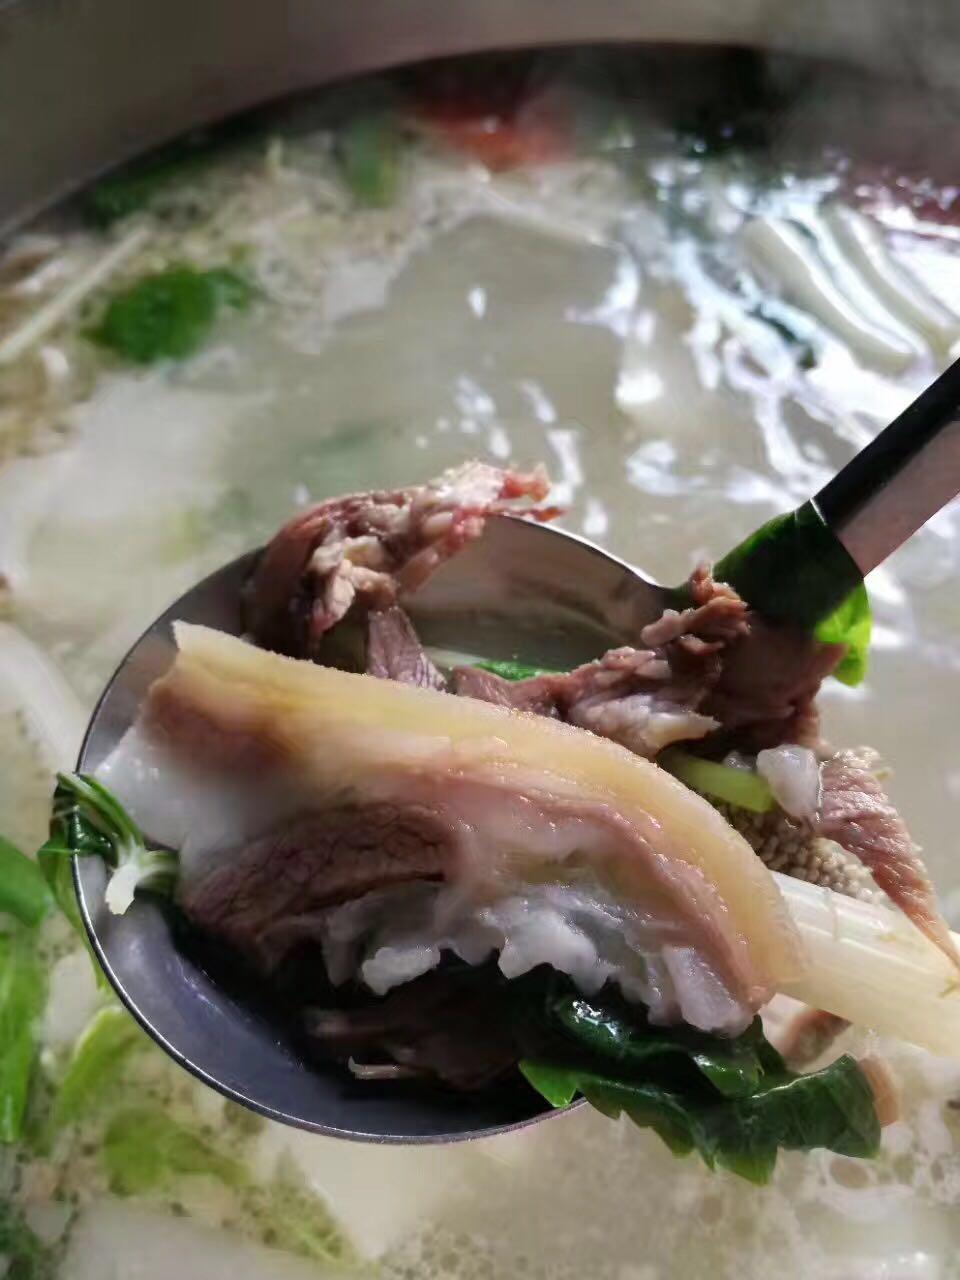 绵阳吃羊肉汤的地方_成都哪里的羊肉汤好吃?-